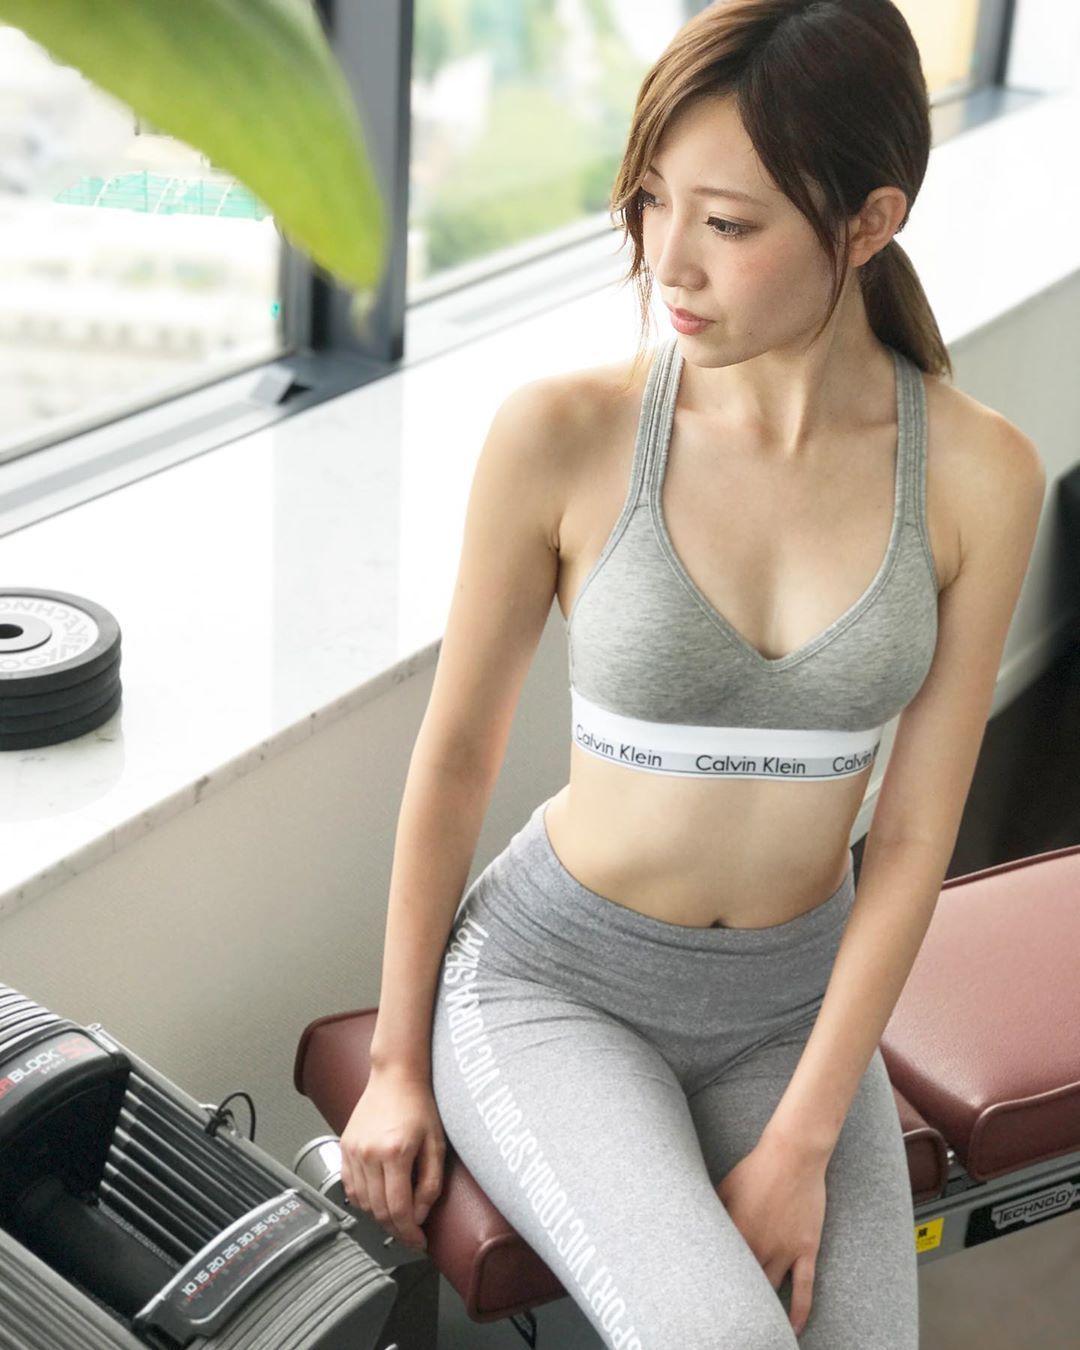 """綺麗に痩せたいならナイアジム】 on Instagram: """"短期集中ダイエットならナイアジム . . . . #fit #fitness  #fitnessgirl #workout #workoutmotivation #gym #ジム #ダイエット #筋トレ #gymgir…    ダイエット, 腹筋 女子, ファッション"""